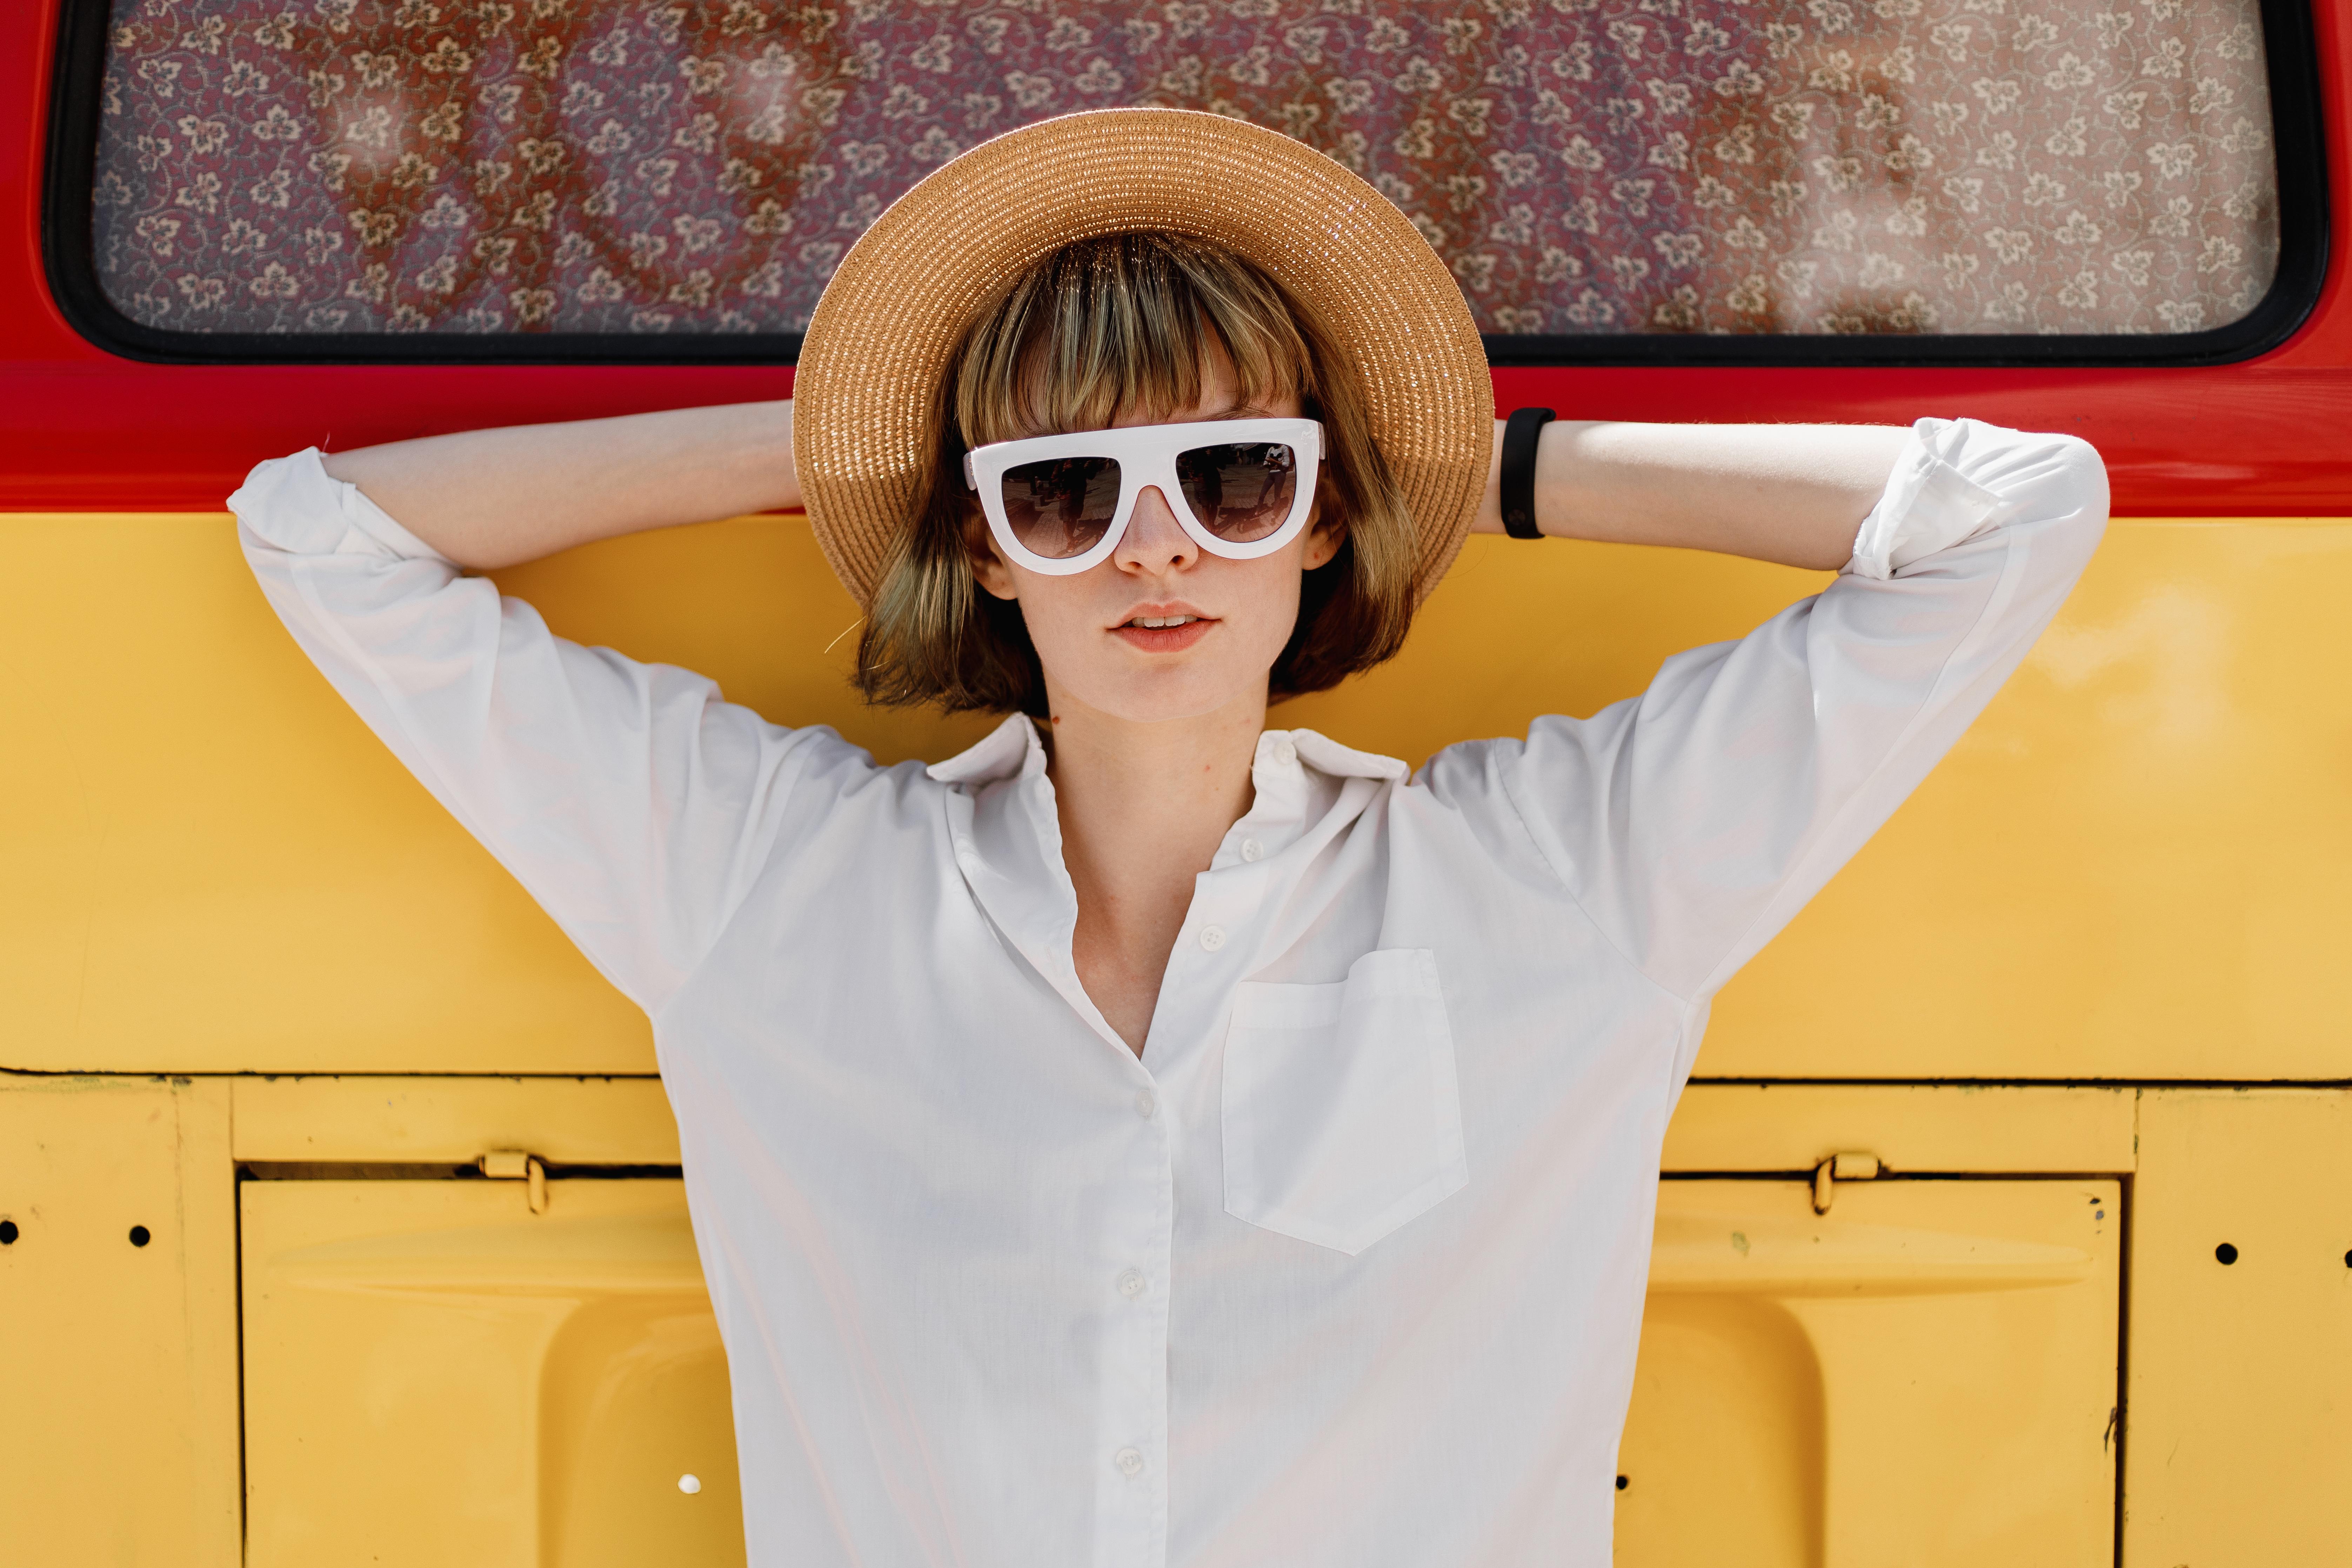 Imagem - Camisa Branca: Ideias inspiradores para usar a sua